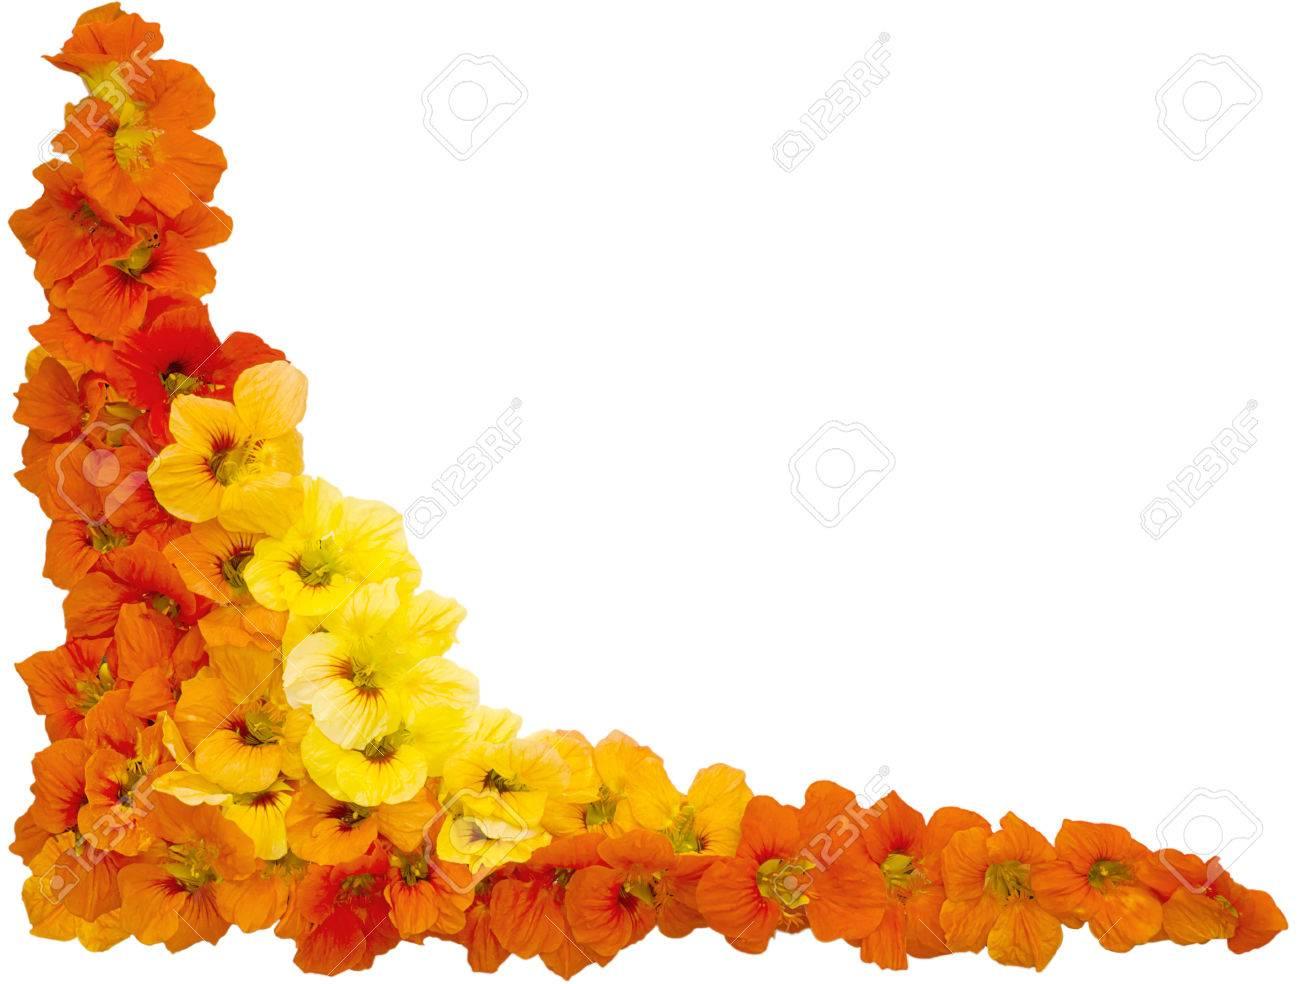 Fleurs De Capucine Couleurs Orange Et Jaune Isolé Sur Fond Blanc